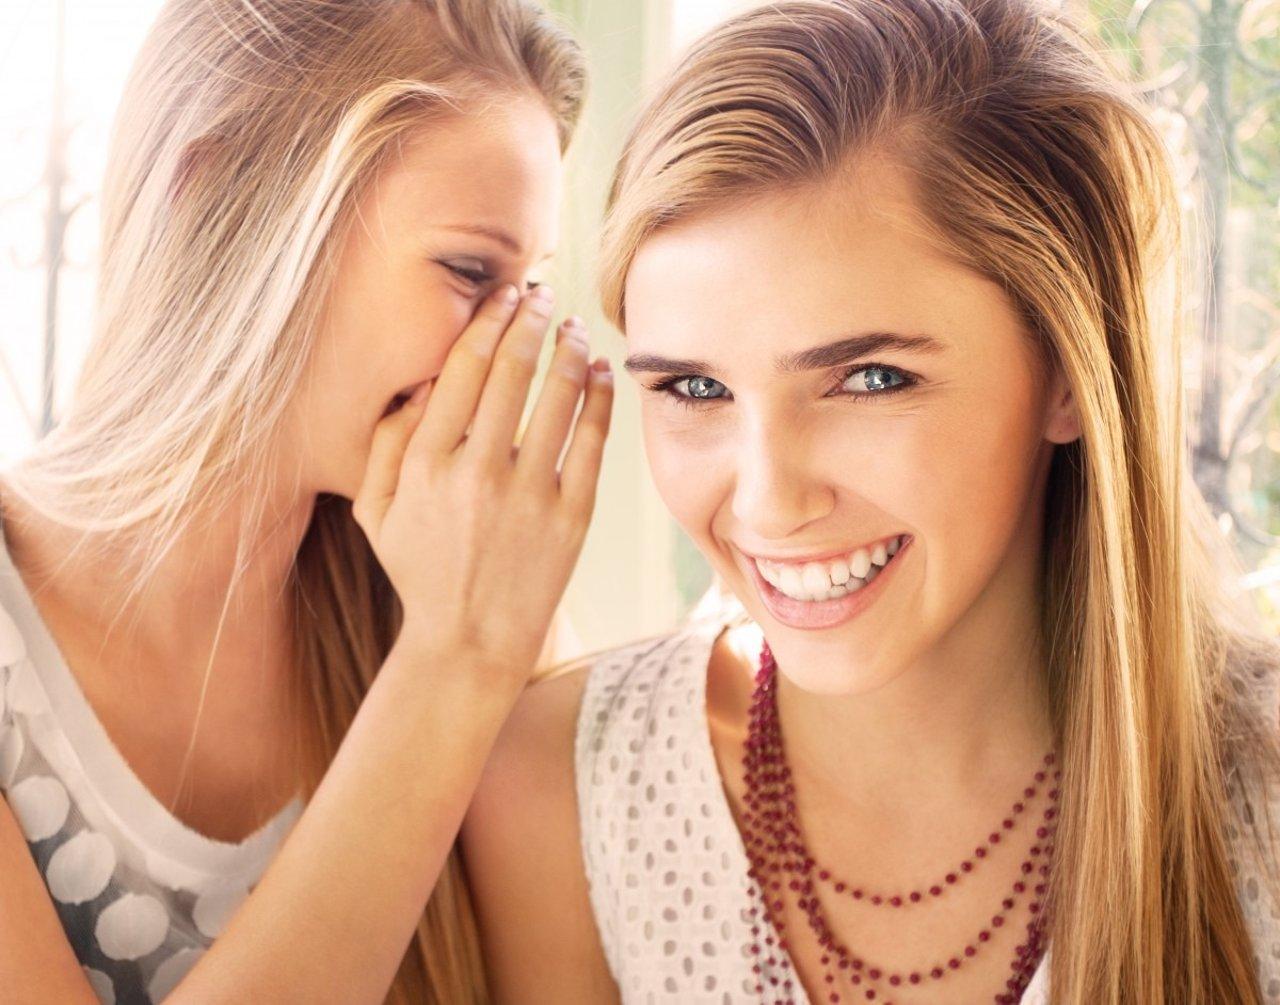 女性日常护理不容忽视,你一定要知道的清洁、除毛、护理知识大全